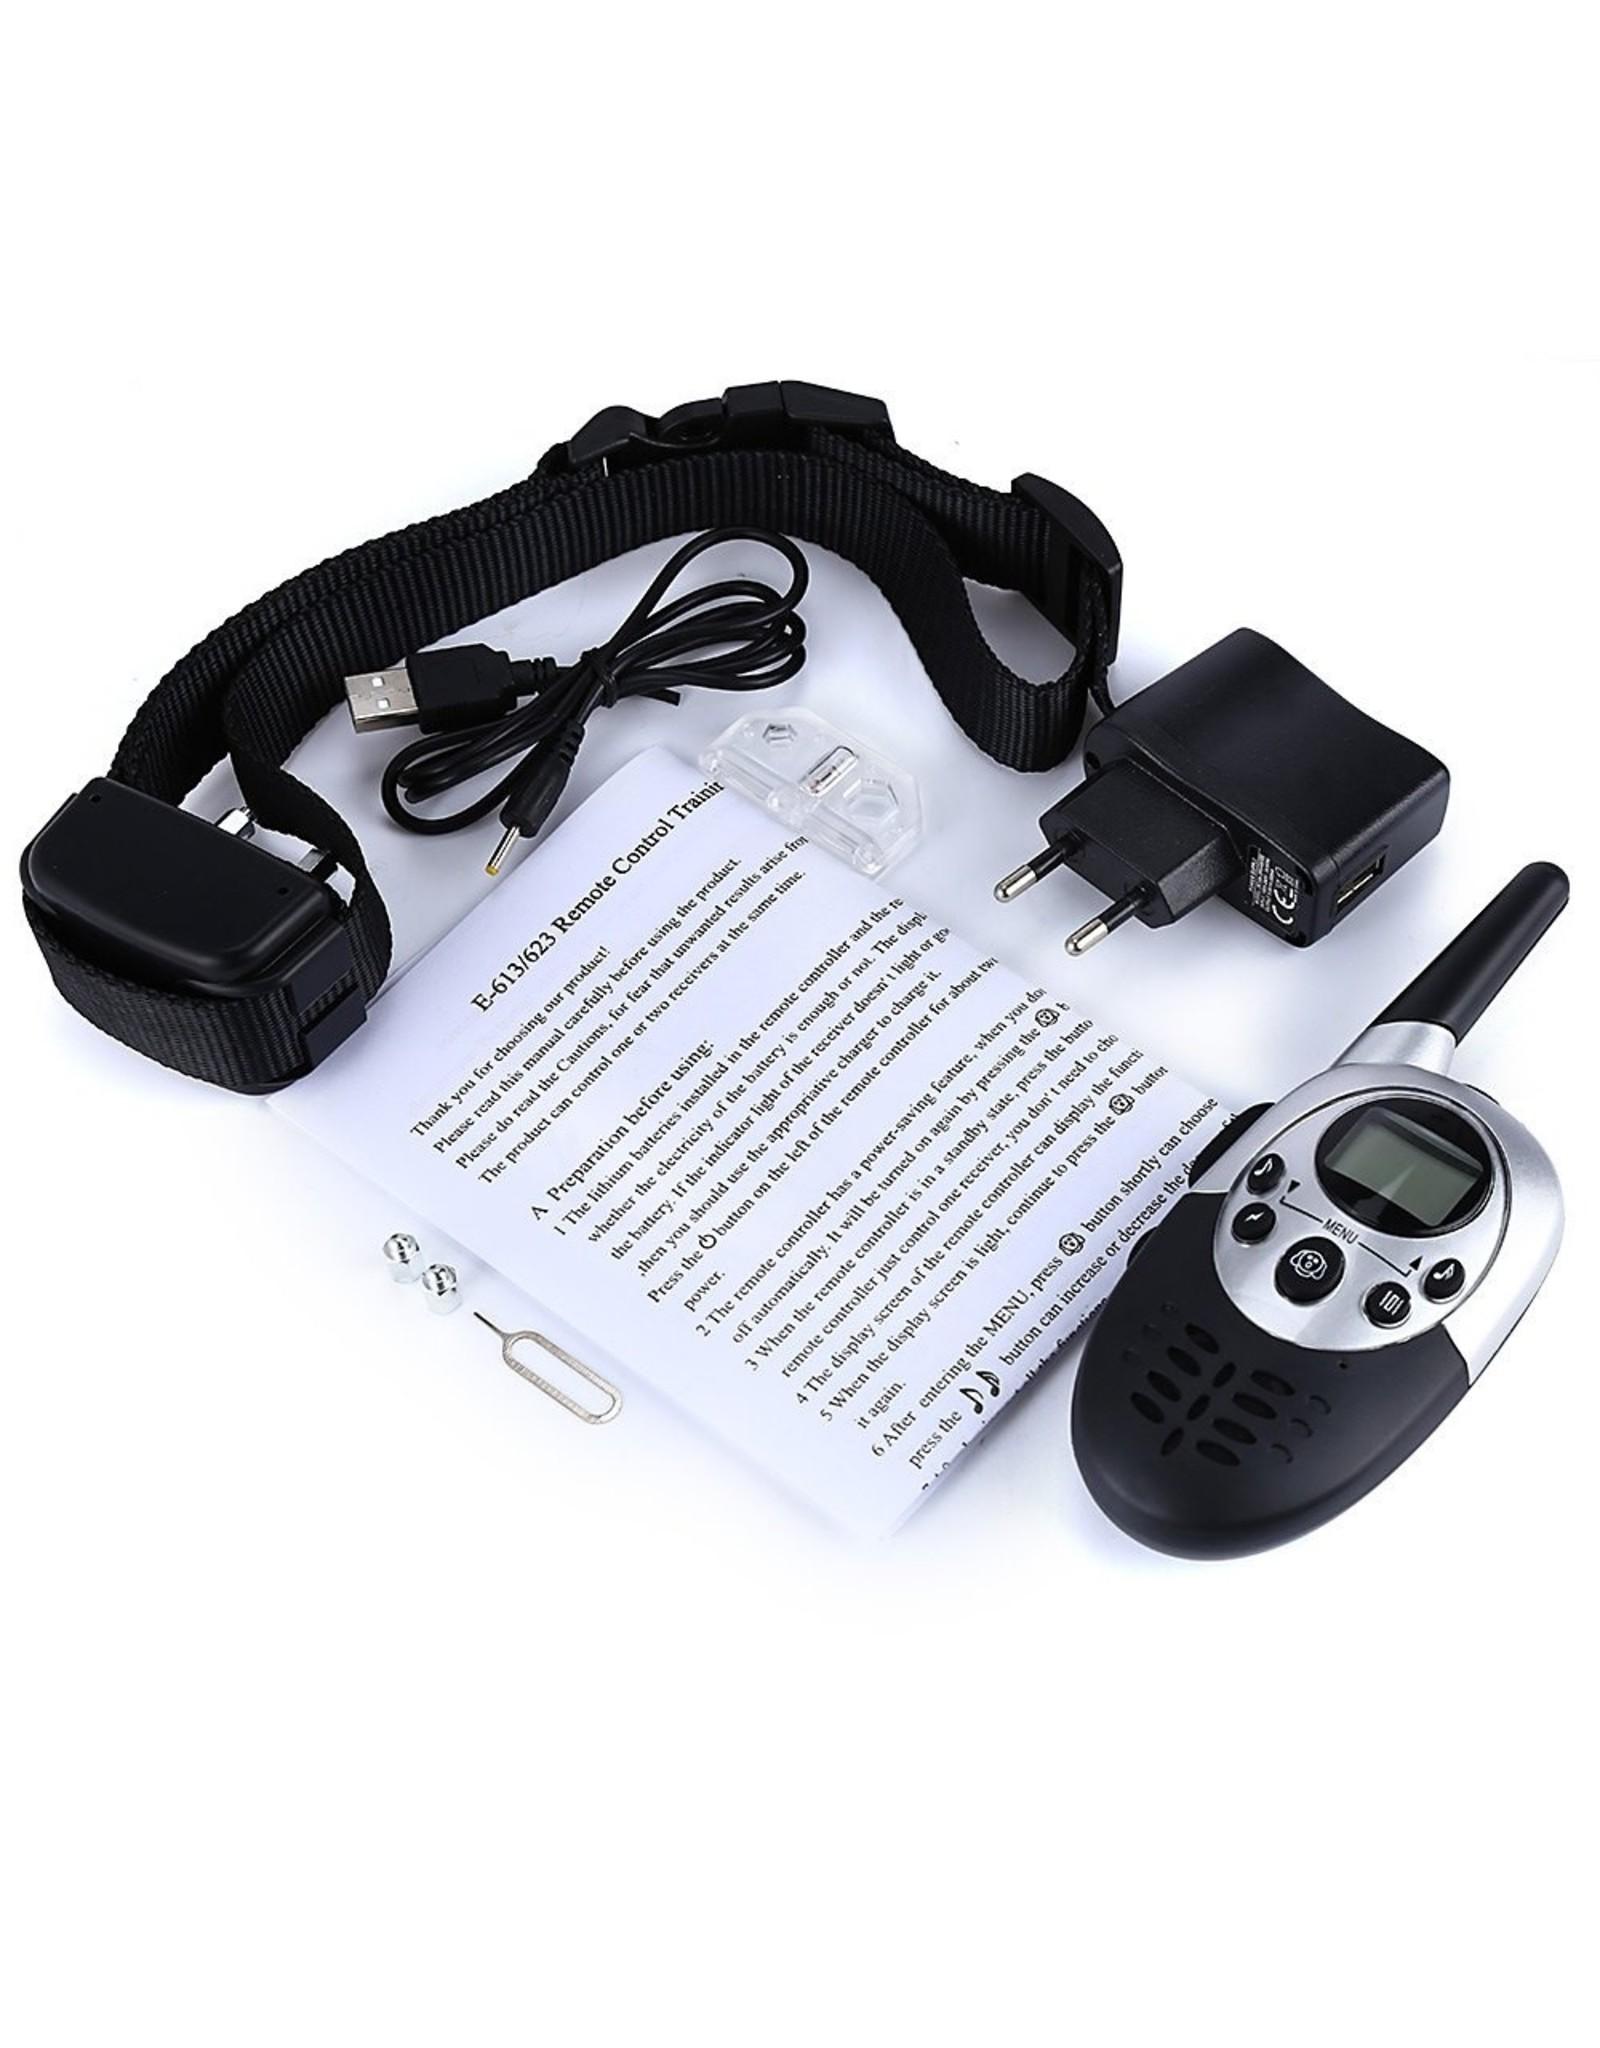 Trainingsband – Blafband - trainingsband voor u hond met afstandsbediening - Halsomtrek van 42 tot 60cm